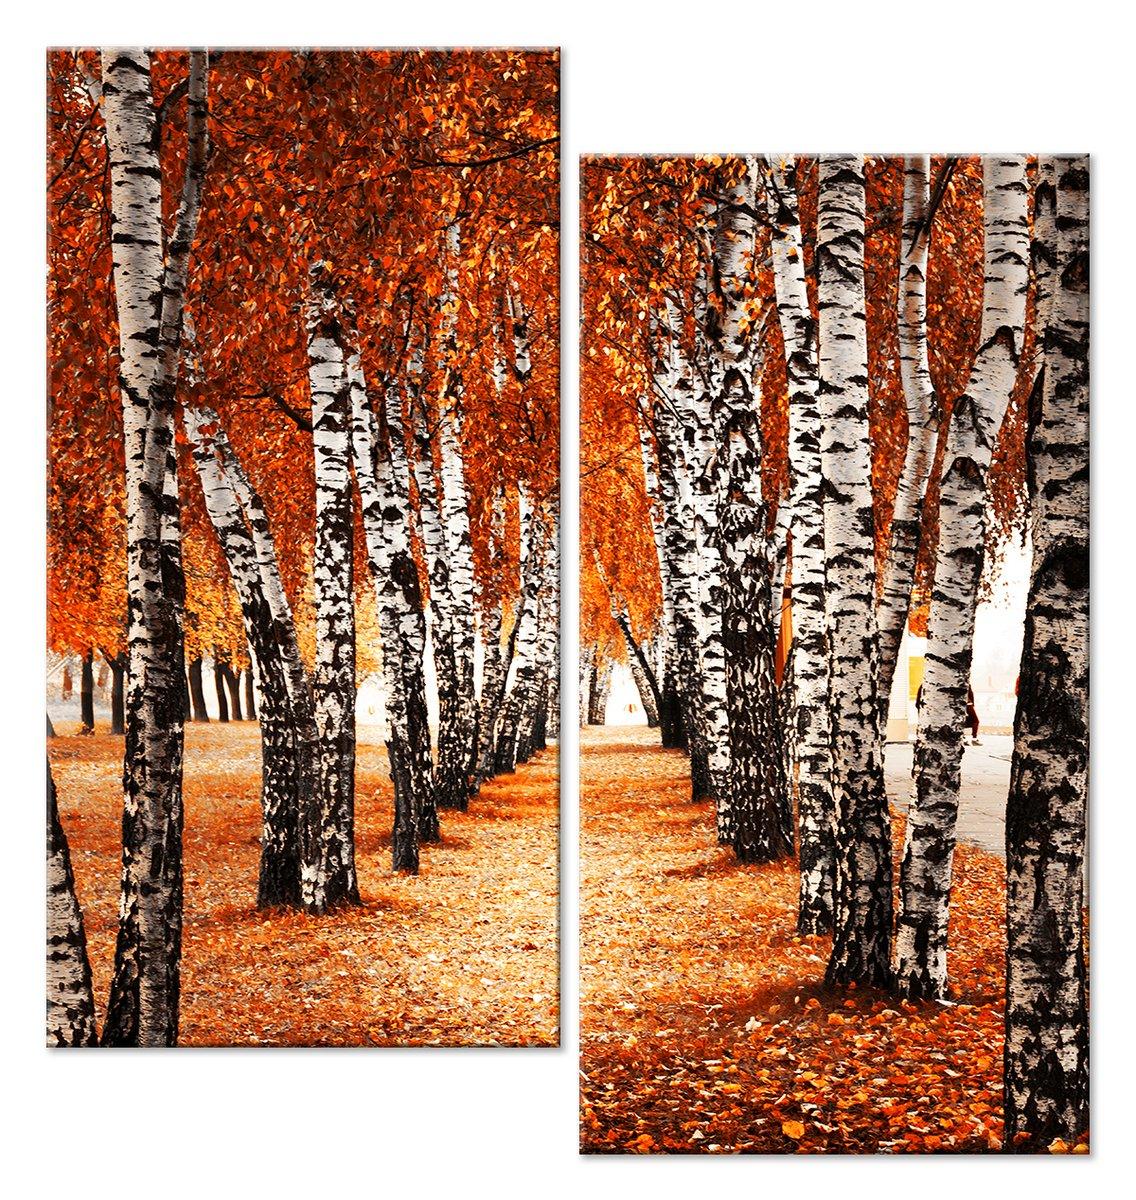 Модульная картина «Березовая аллея осенью»Природа<br>Модульная картина на натуральном холсте и деревянном подрамнике. Подвес в комплекте. Трехслойная надежная упаковка. Доставим в любую точку России. Вам осталось только повесить картину на стену!<br>